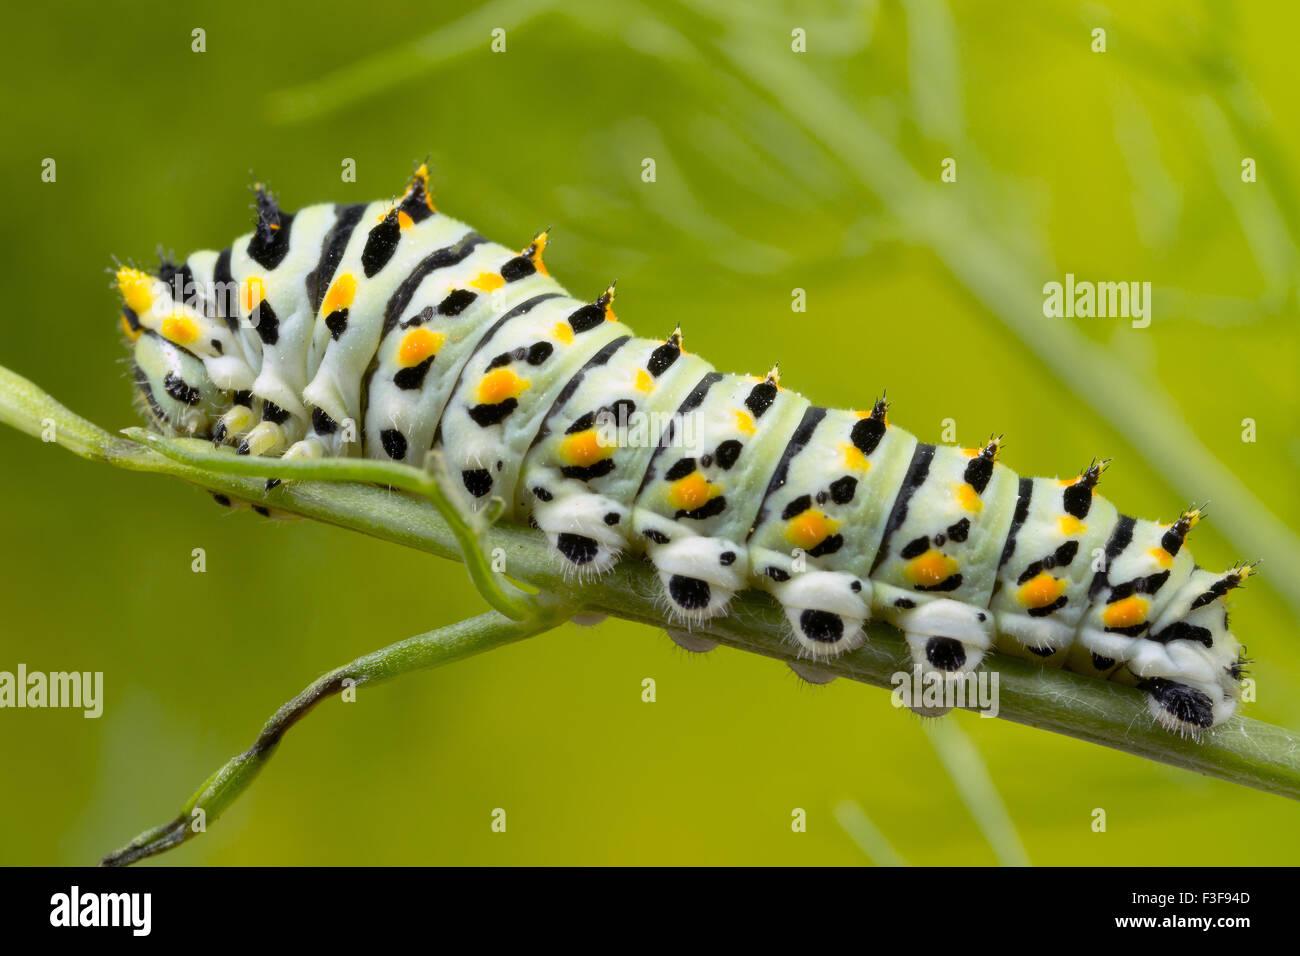 Coda forcuta Catrepillar, 6 giorni dopo la schiusa delle uova e di circa 20mm di lunghezza. Immagini Stock